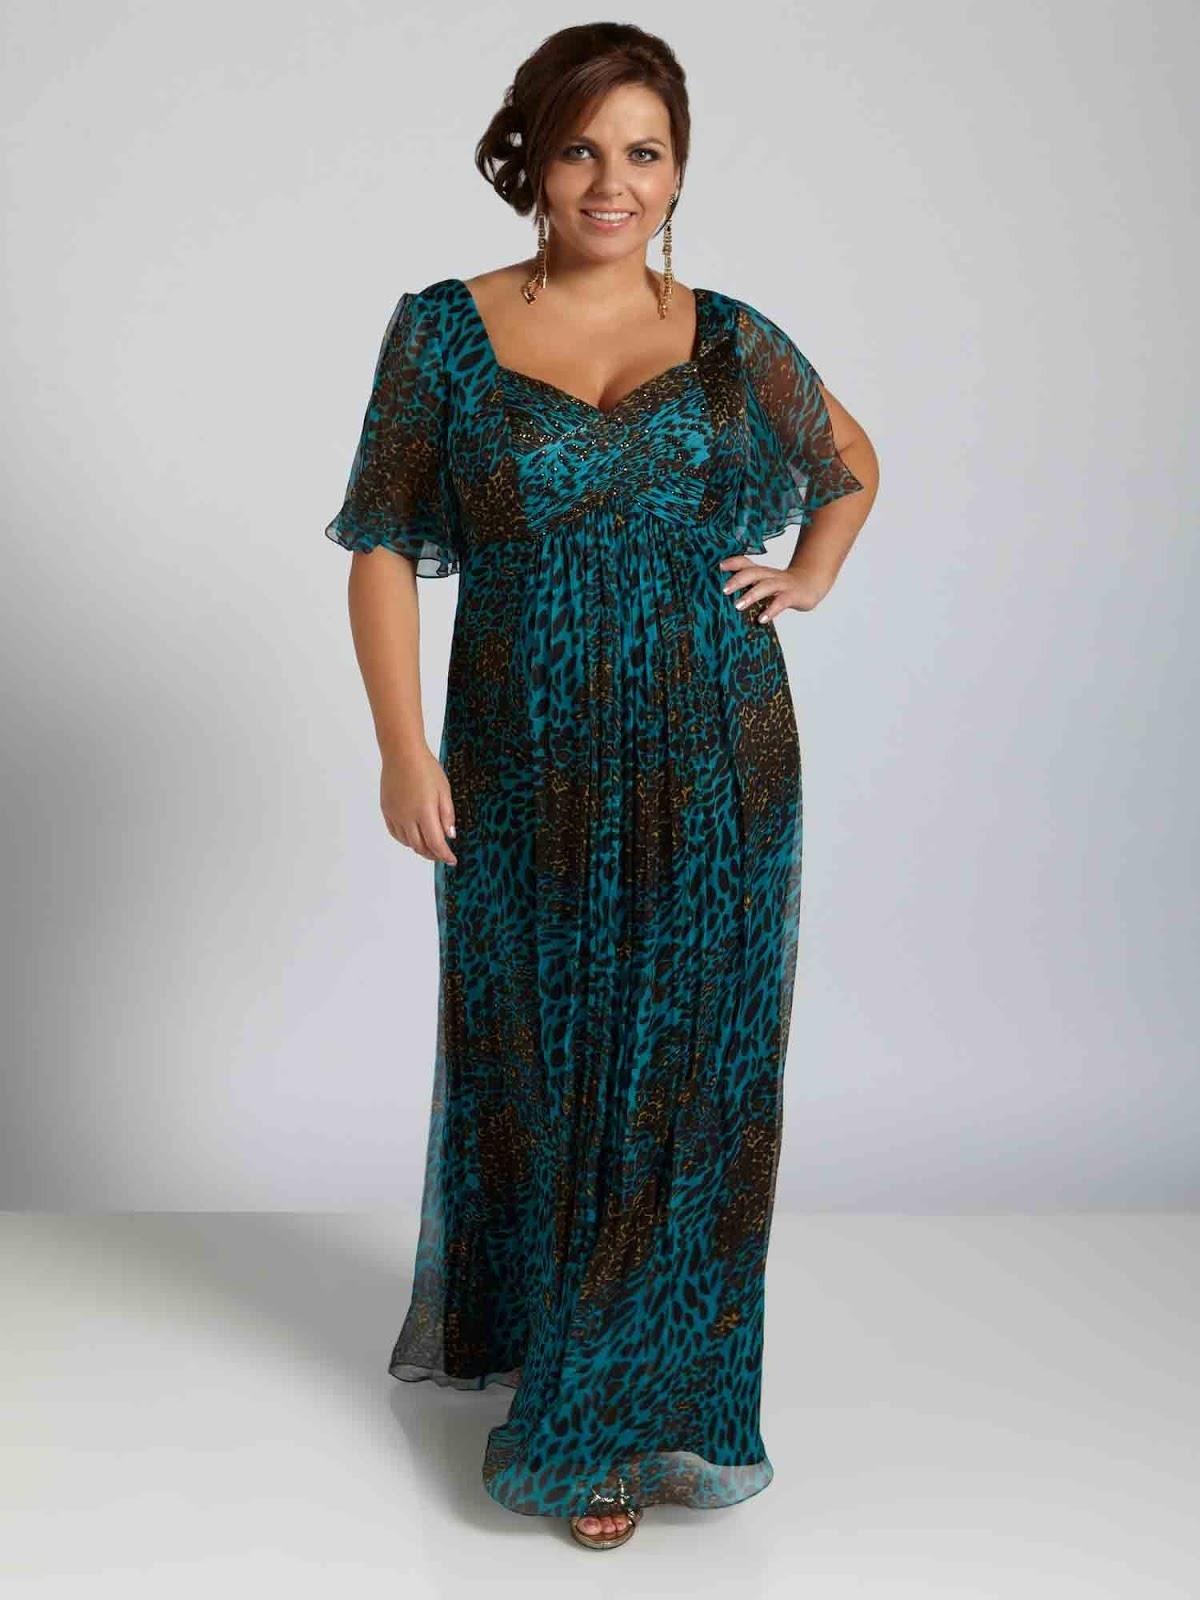 15 Genial Frauen Abendkleider Vertrieb Einzigartig Frauen Abendkleider Galerie